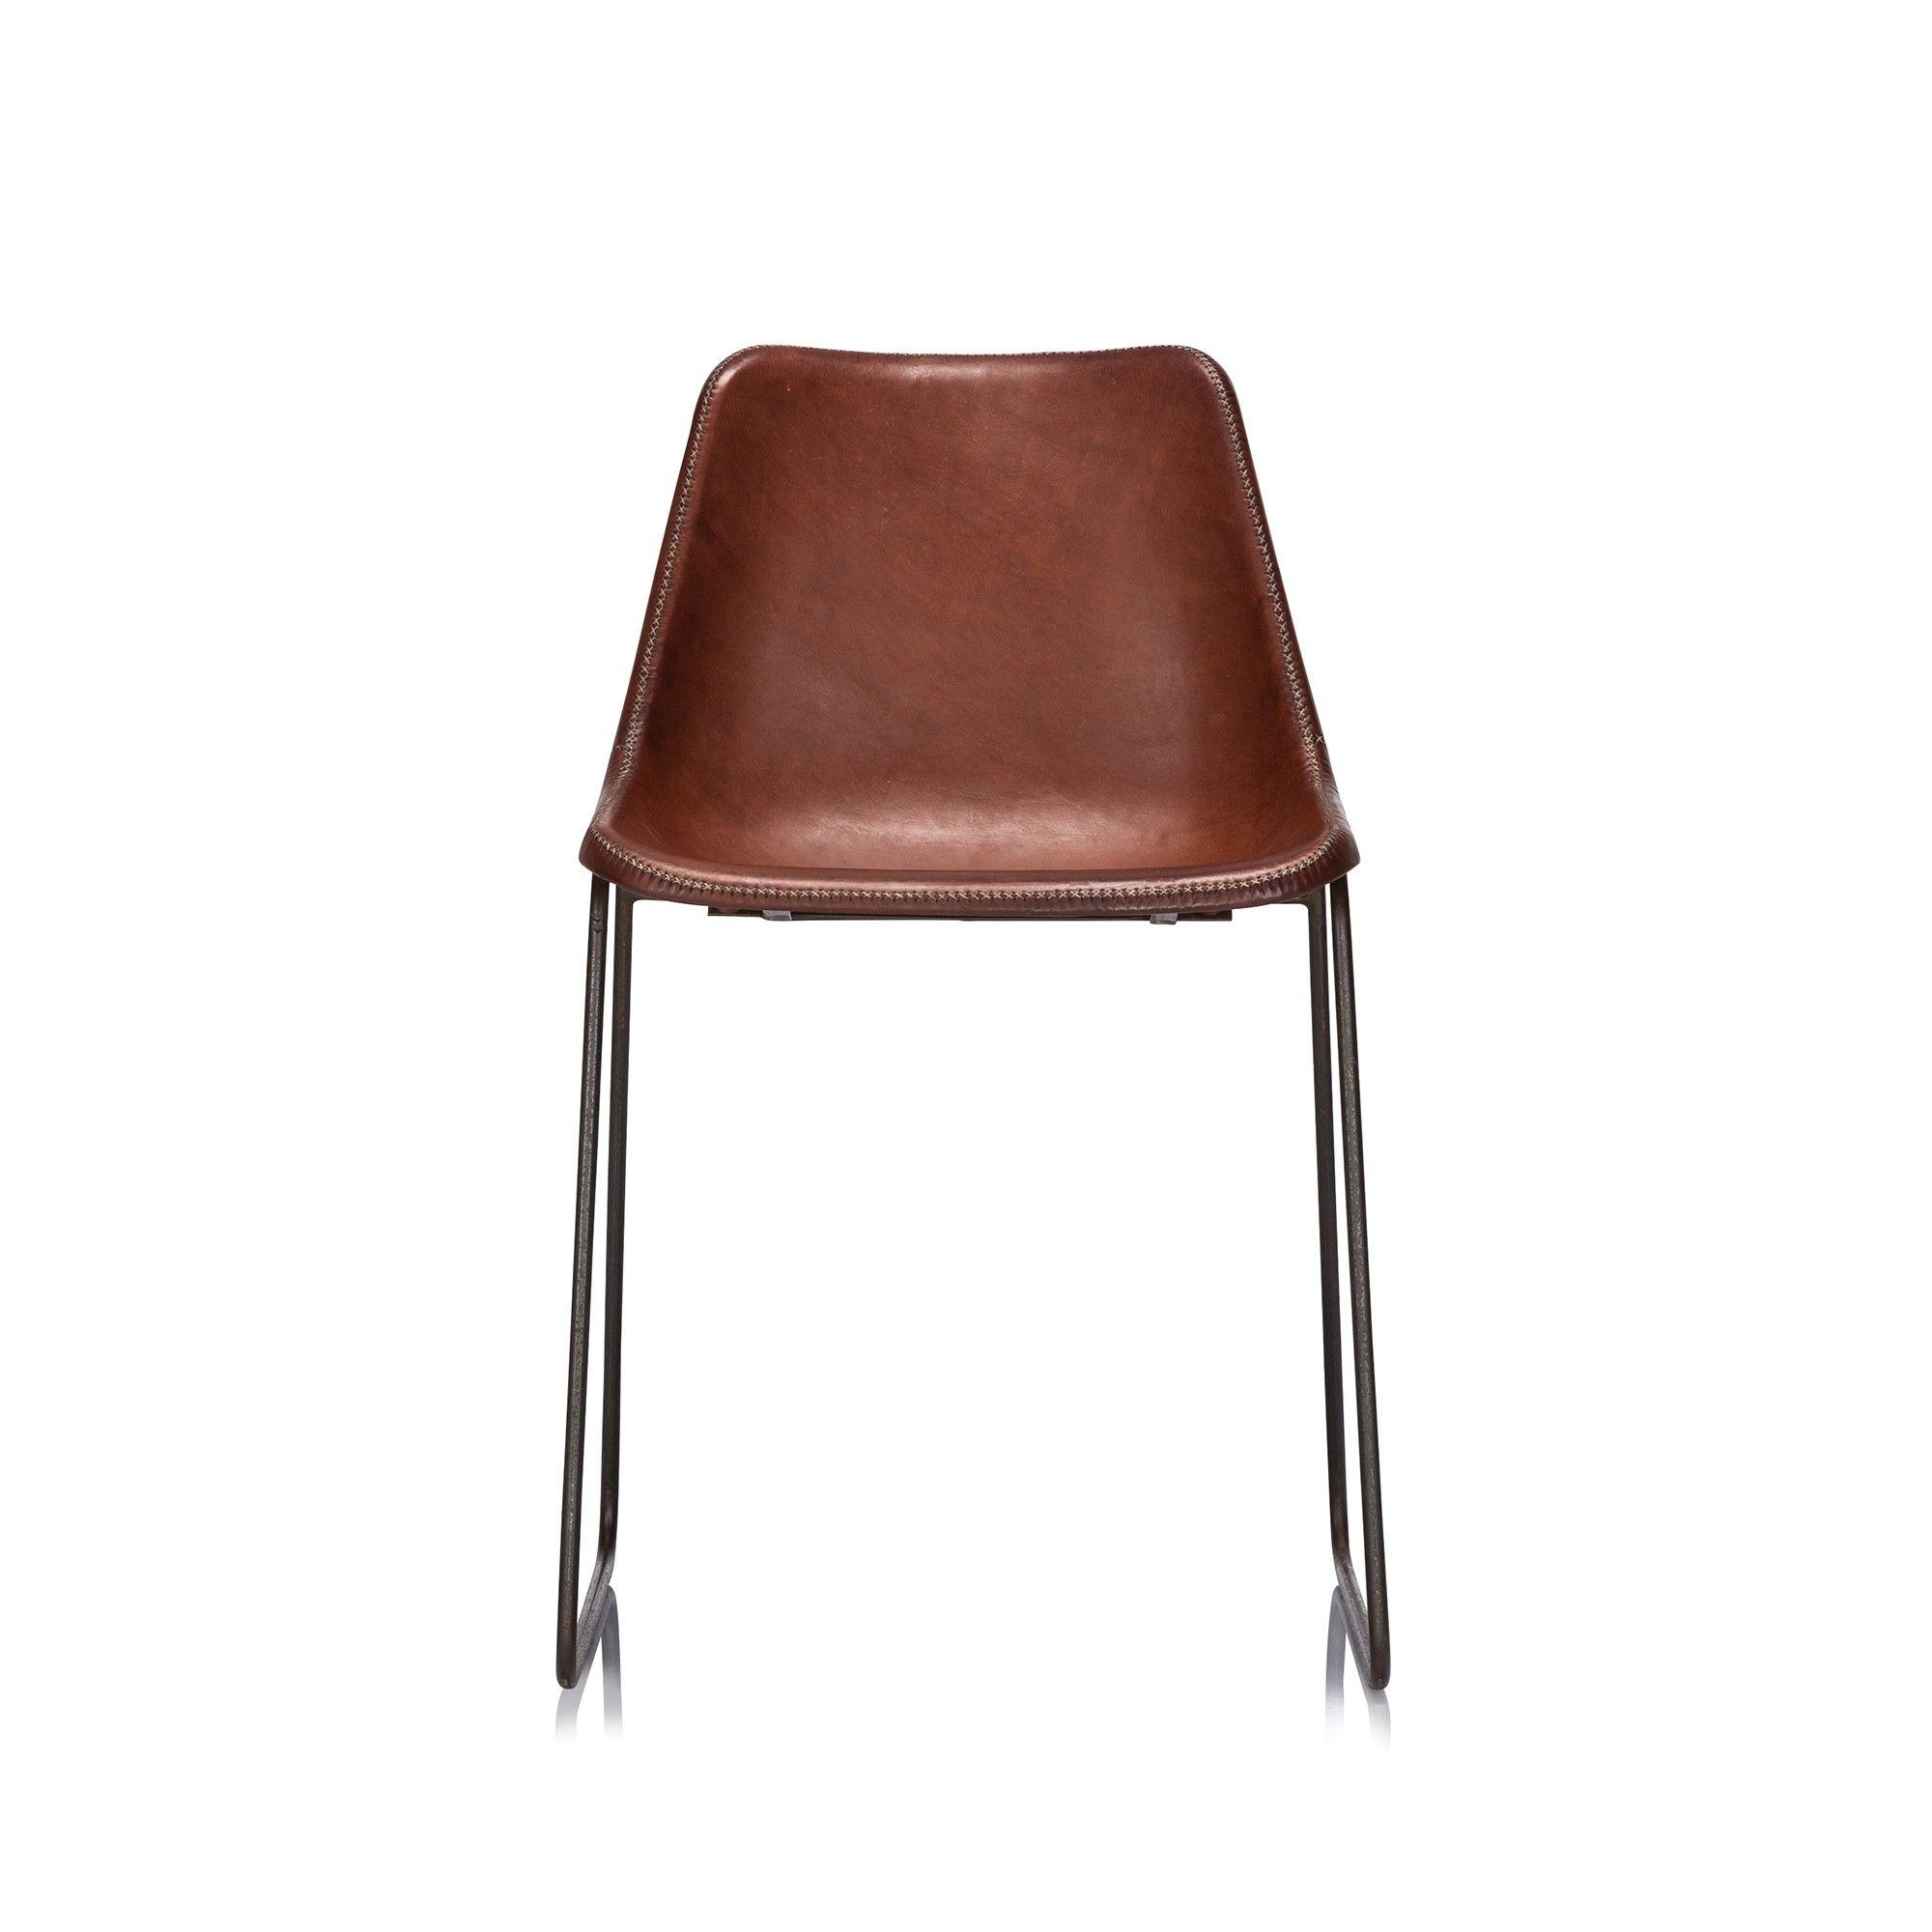 svelte modern sled chair upholstered in full aniline south american rh pinterest com